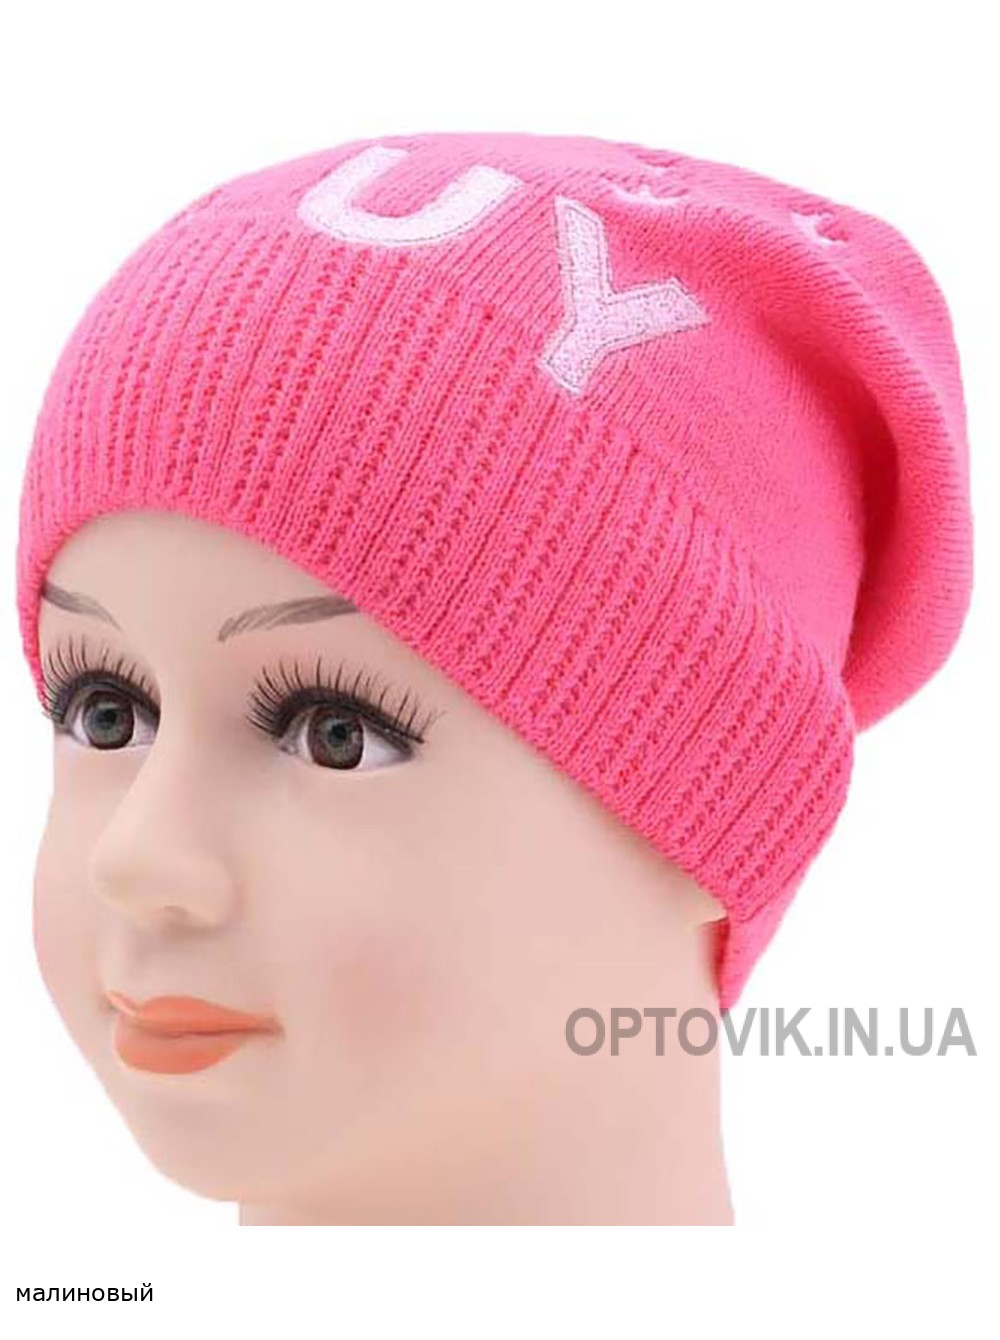 Детская вязаная шапка 128820-52-54